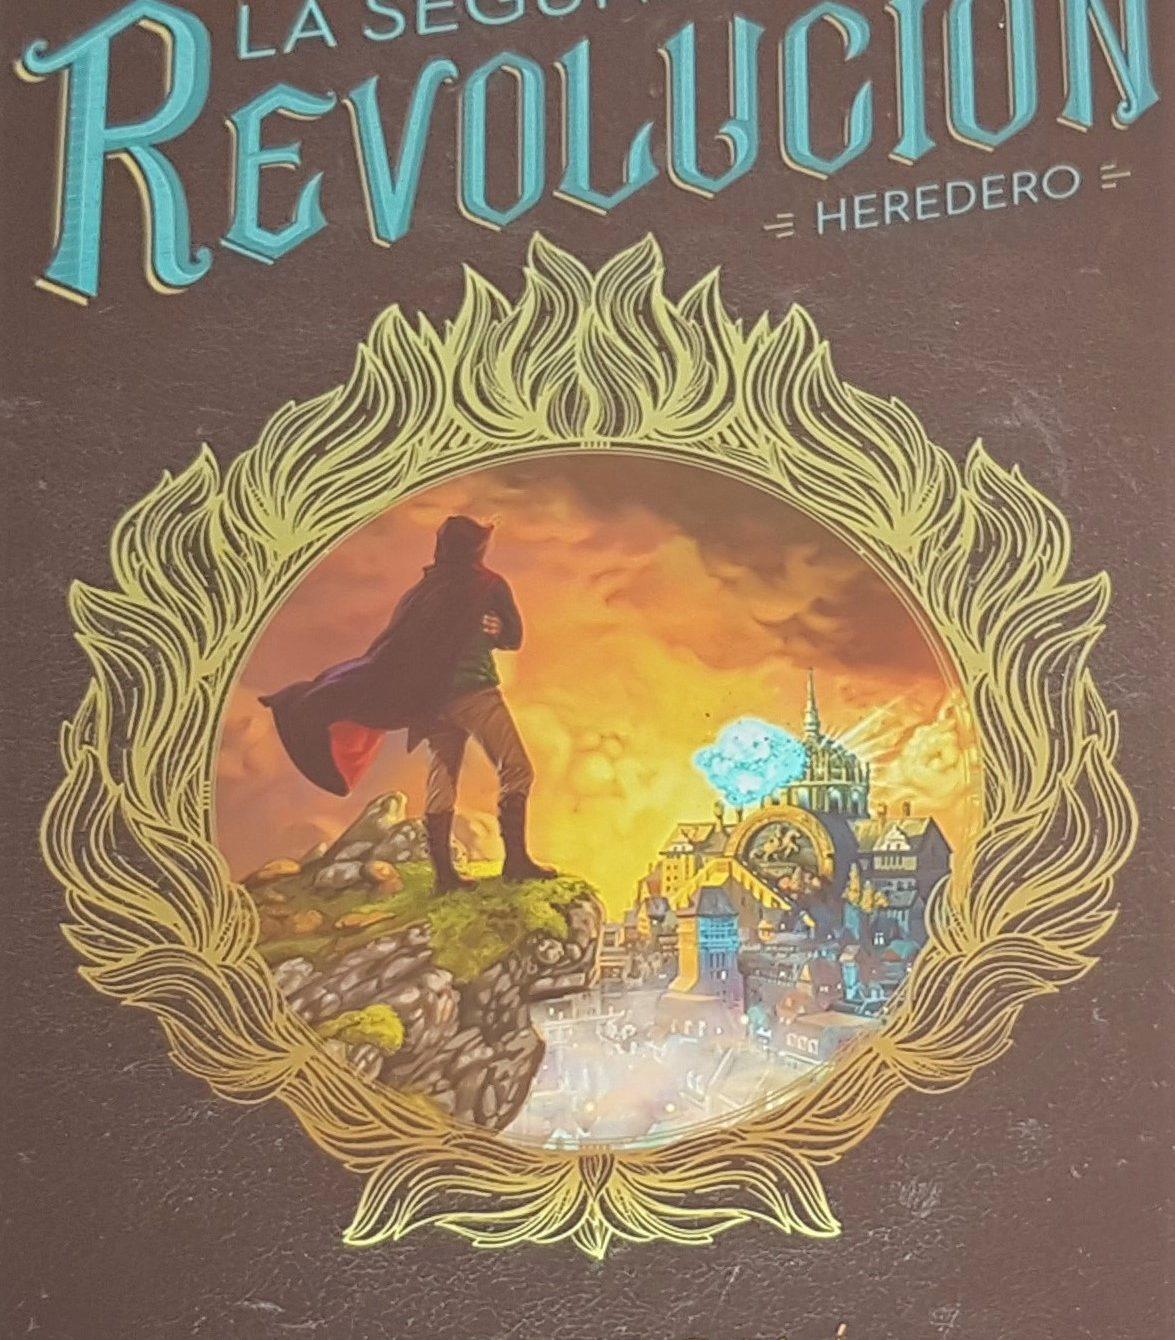 La Segunda Revolución Heredero Costa Alcalá Literatura juvenil